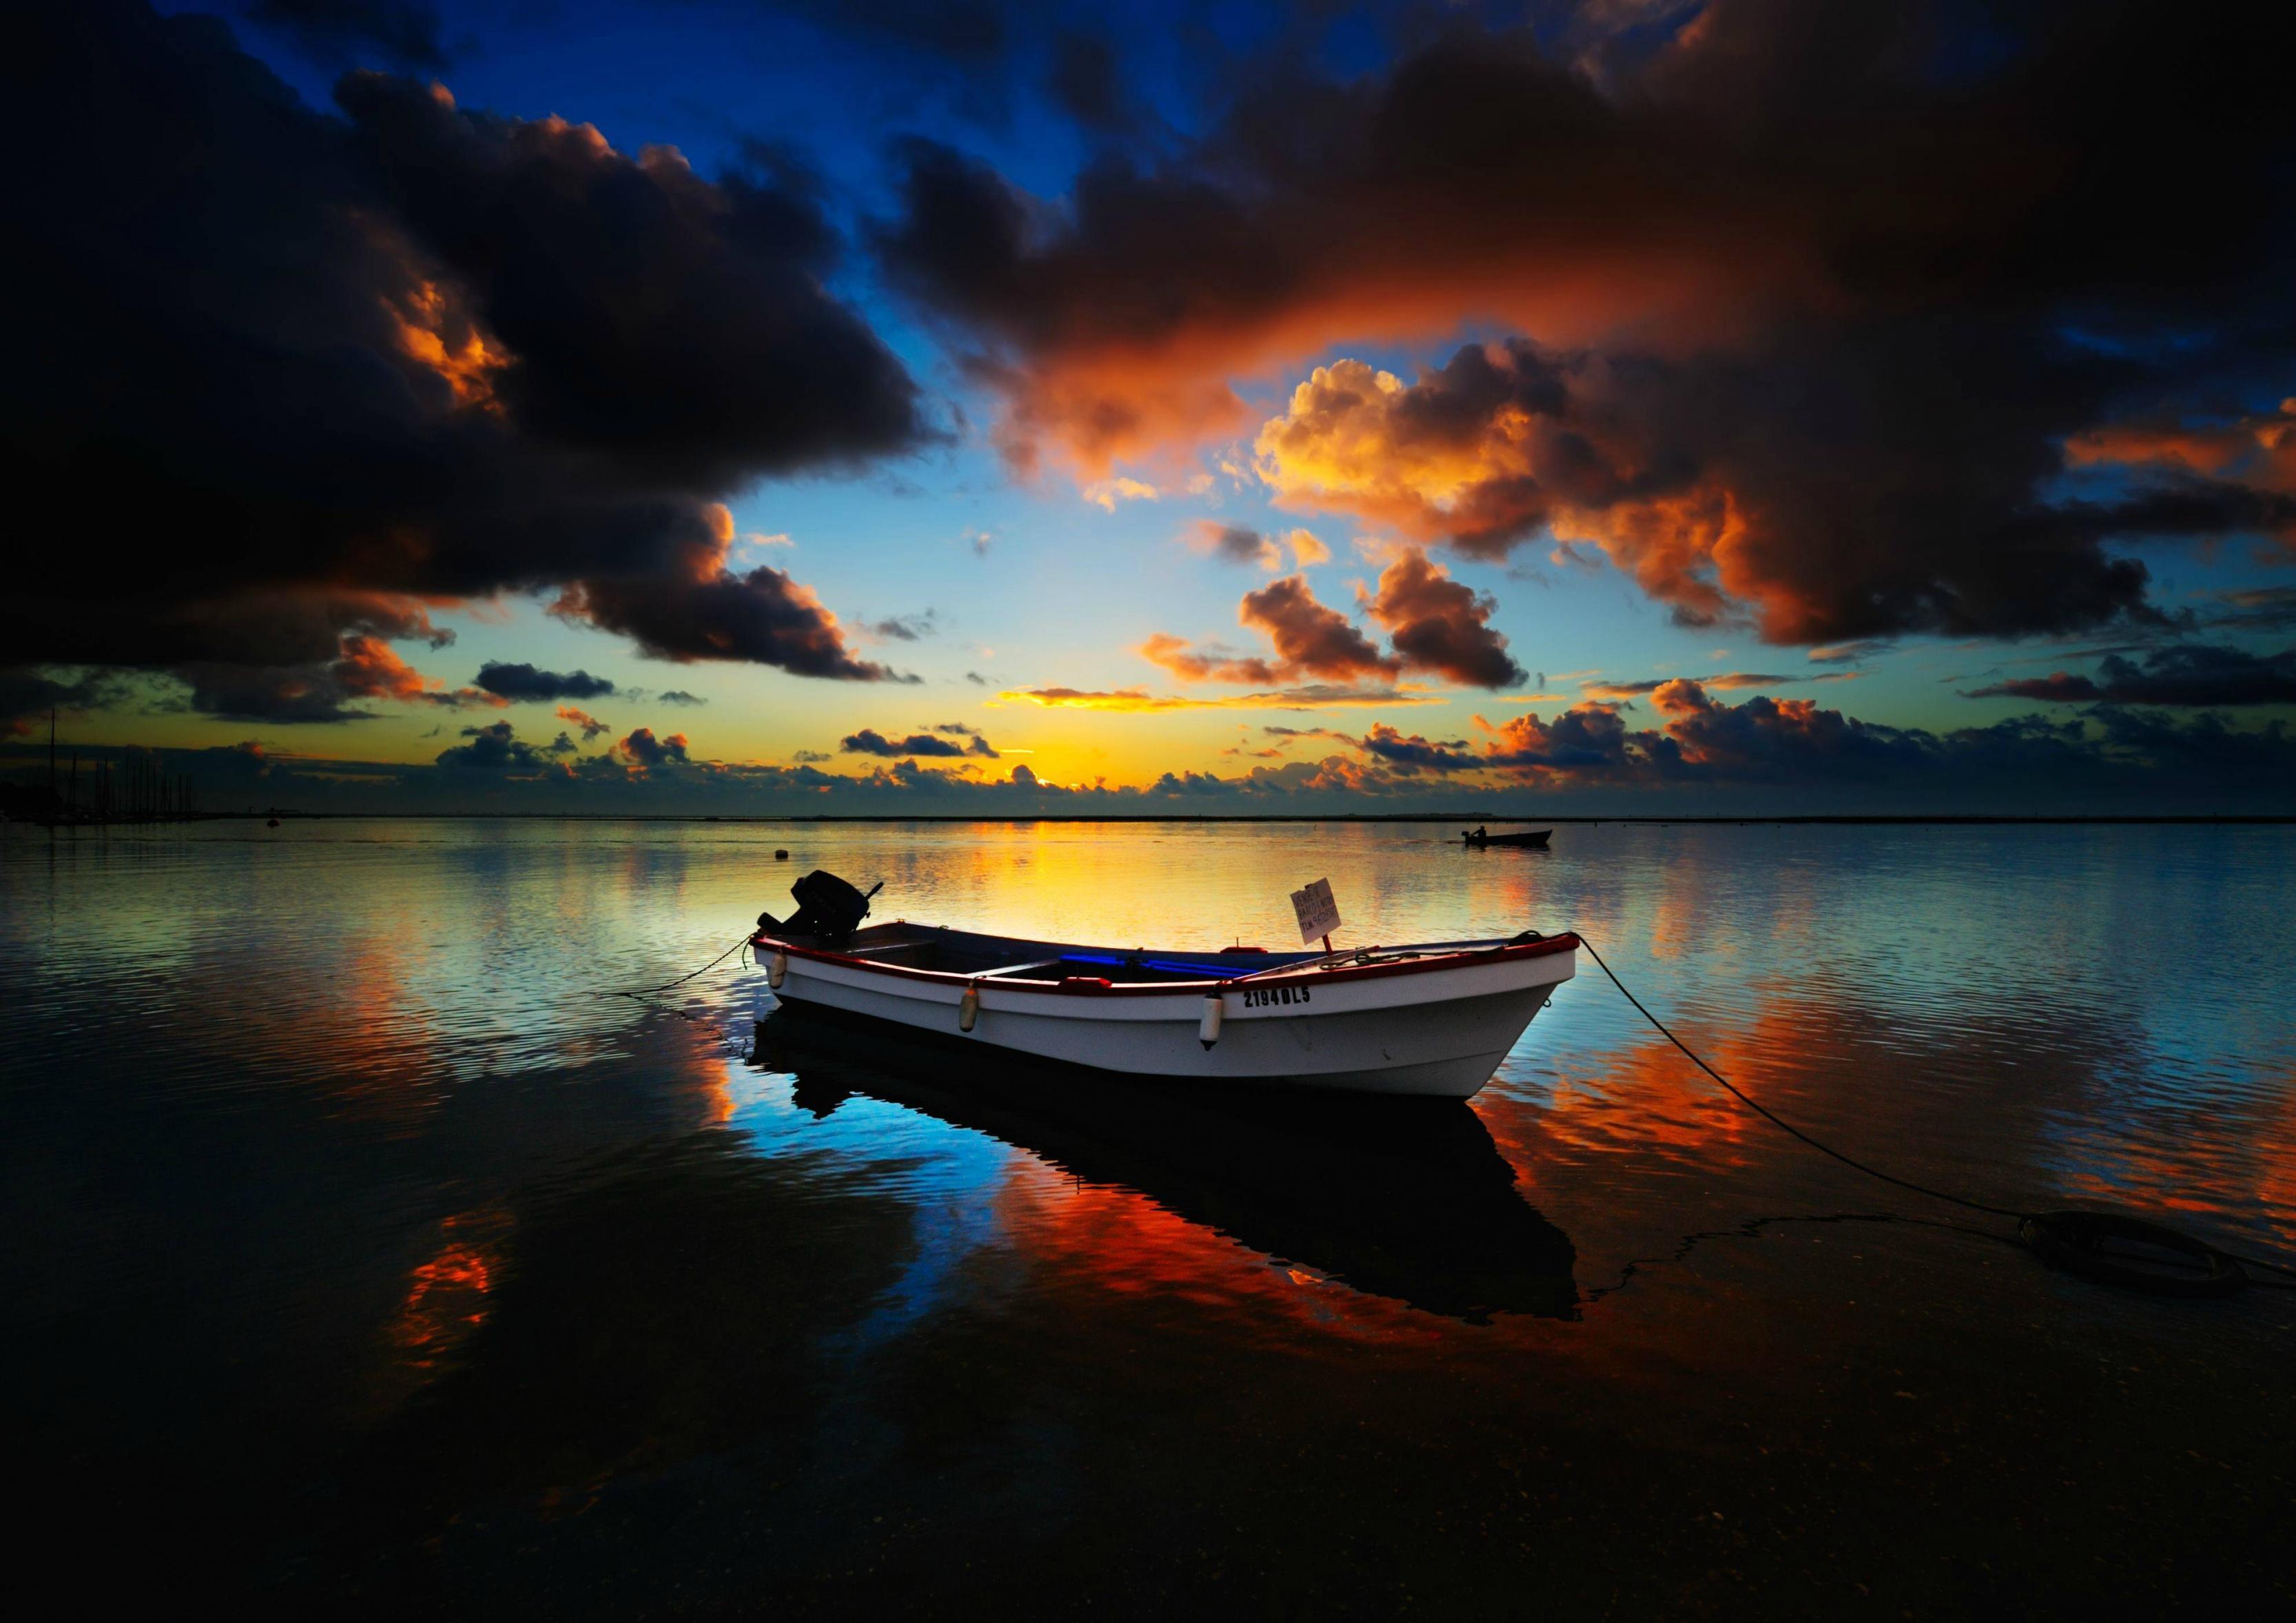 بالصور اجمل الصور فيس بوك , خلفيات وصور للفيس بوك جديده 3466 13